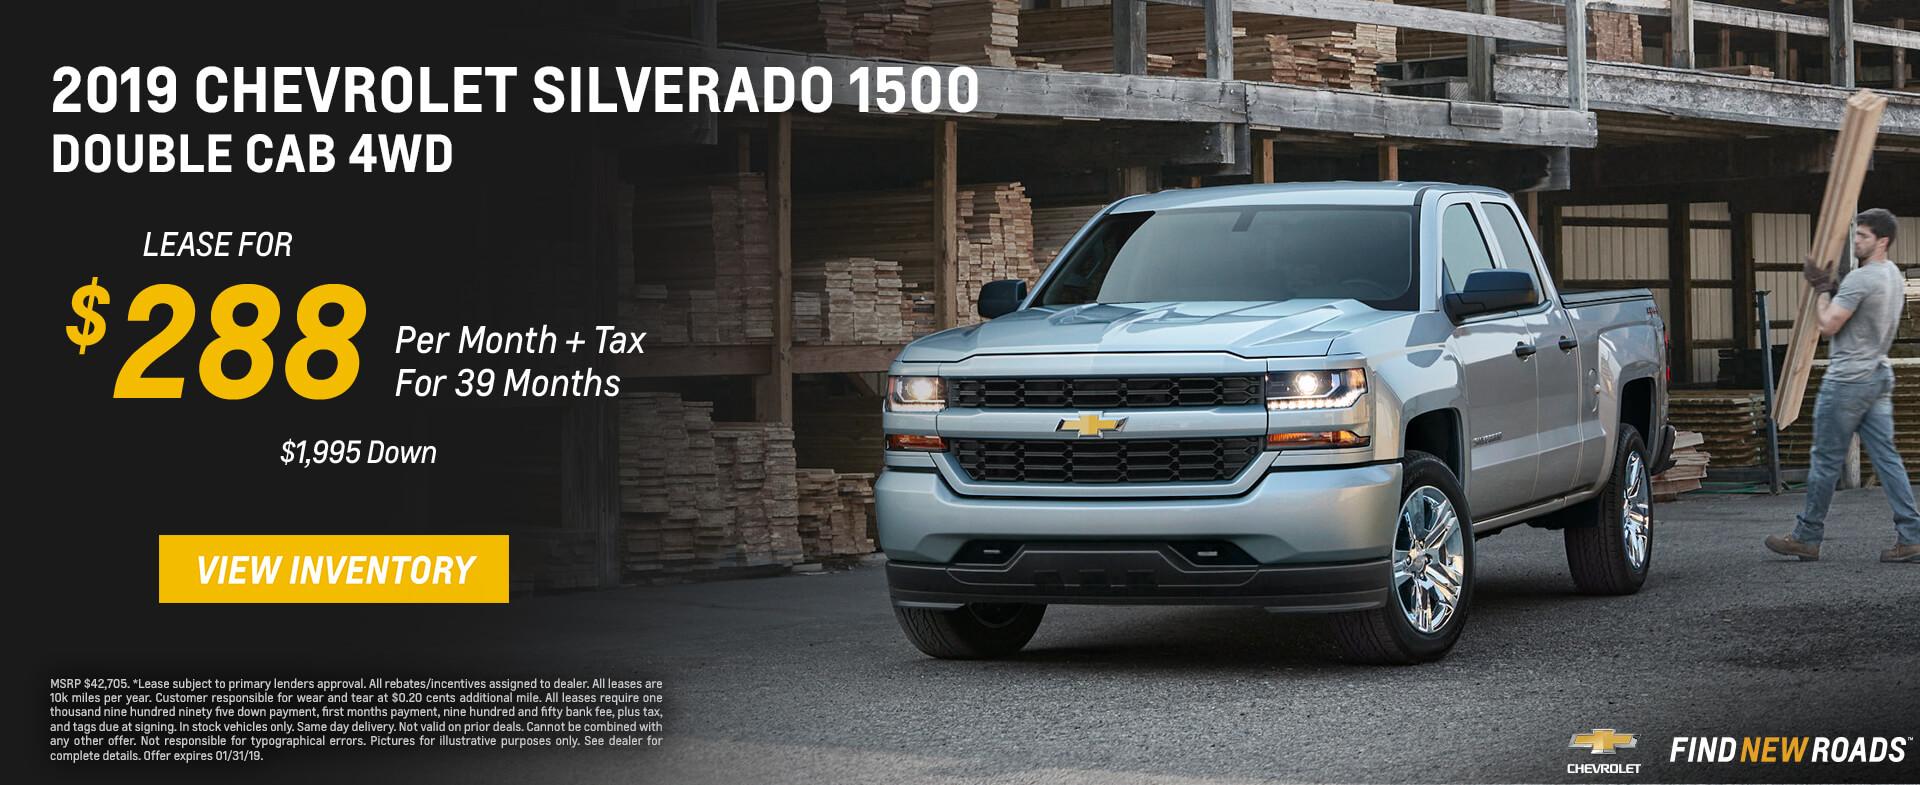 Chevrolet Silverado $288 Lease